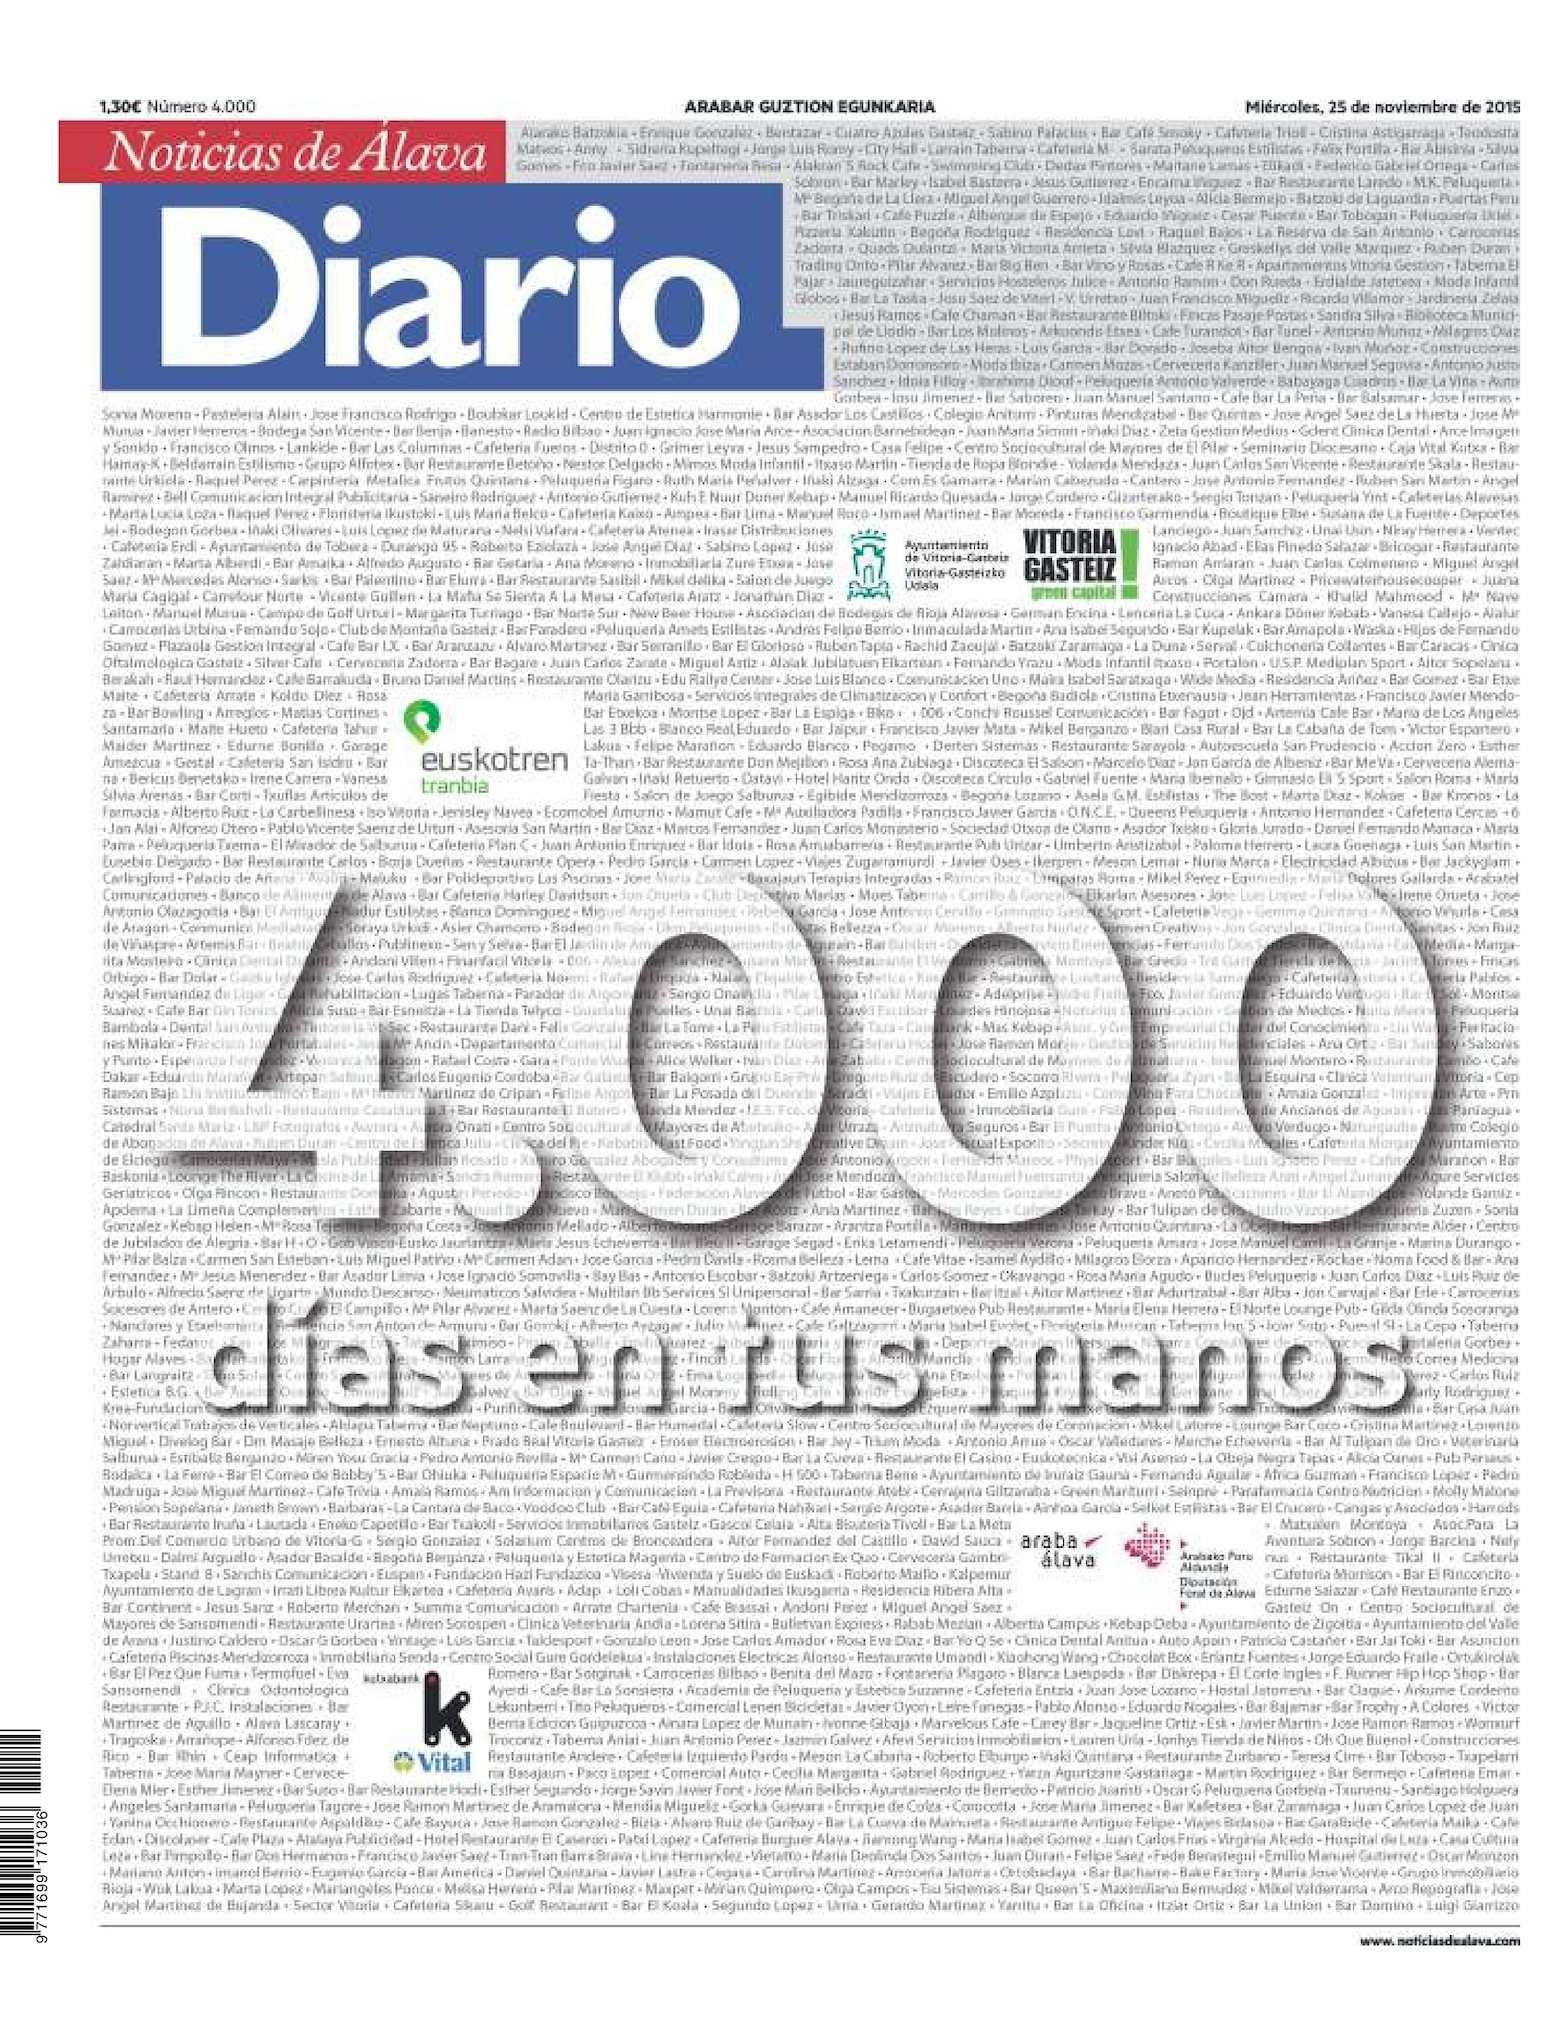 Calendario Escolar 2019 Melilla Más Reciente Calaméo Diario De Noticias De lava Of Calendario Escolar 2019 Melilla Más Caliente Calaméo Gara